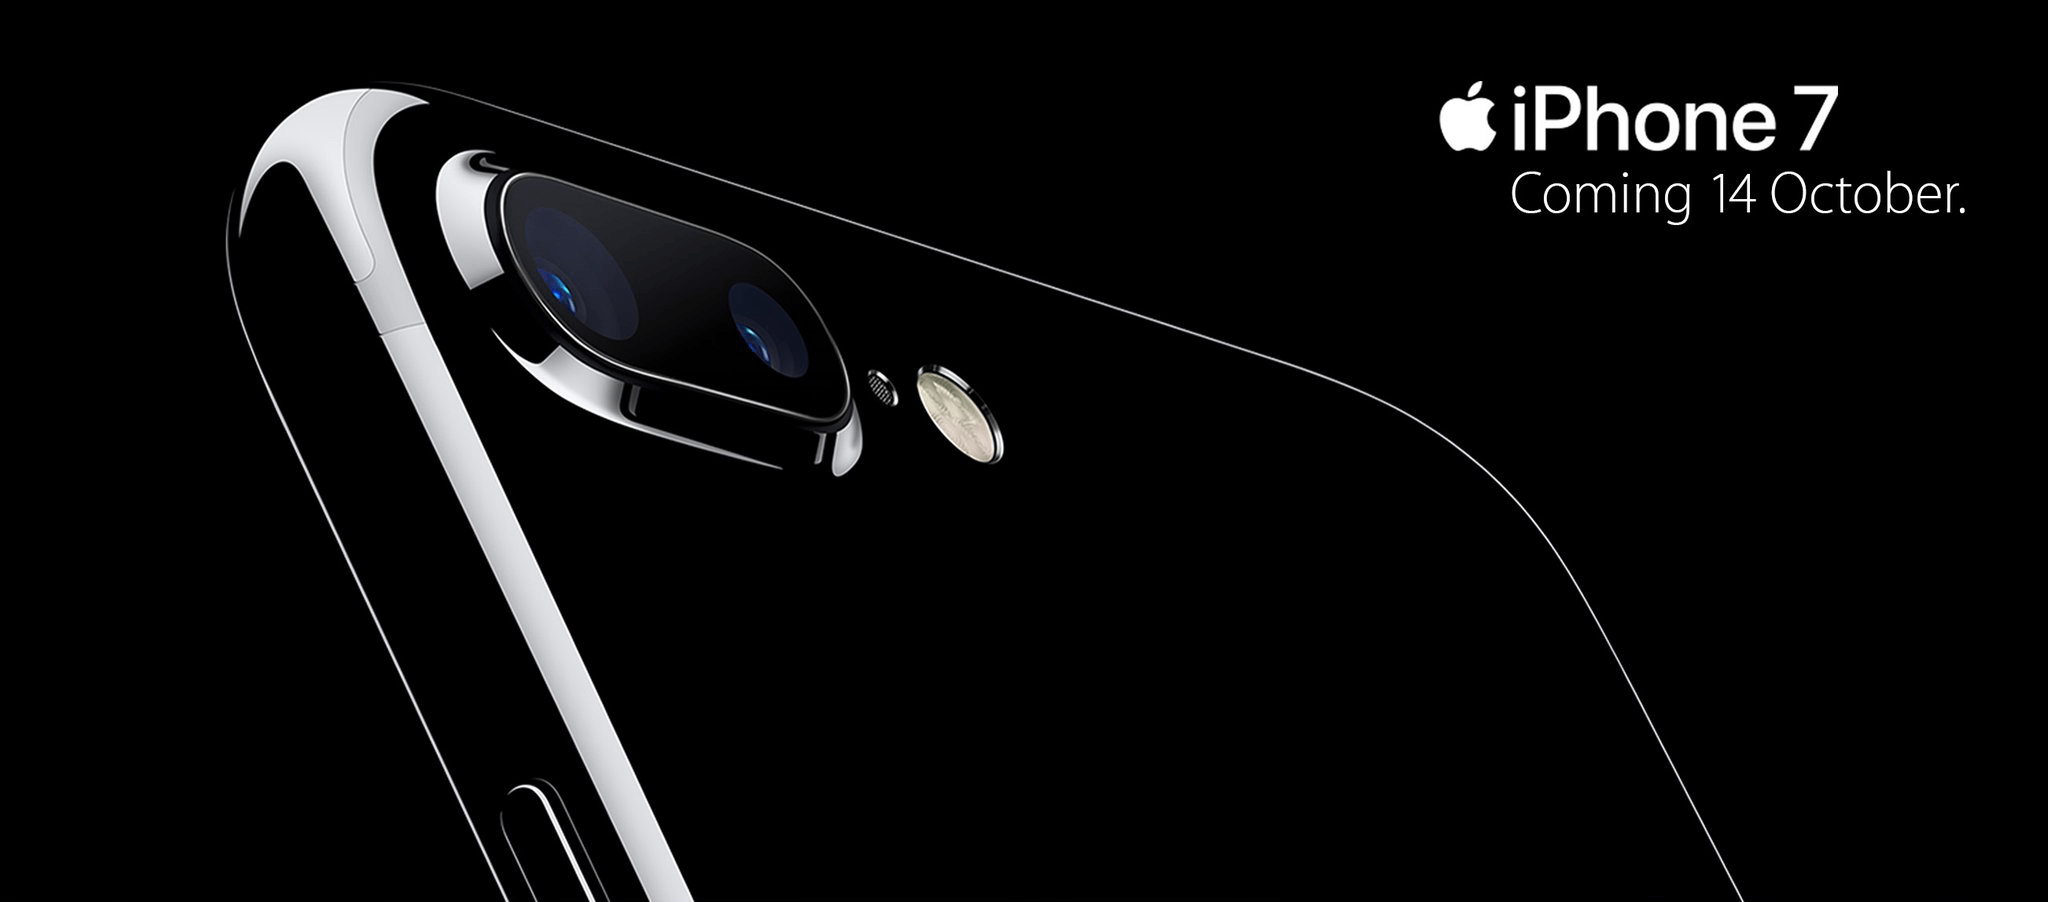 iPhone 7 Telkom pre-orders open 7 October iPhone 7